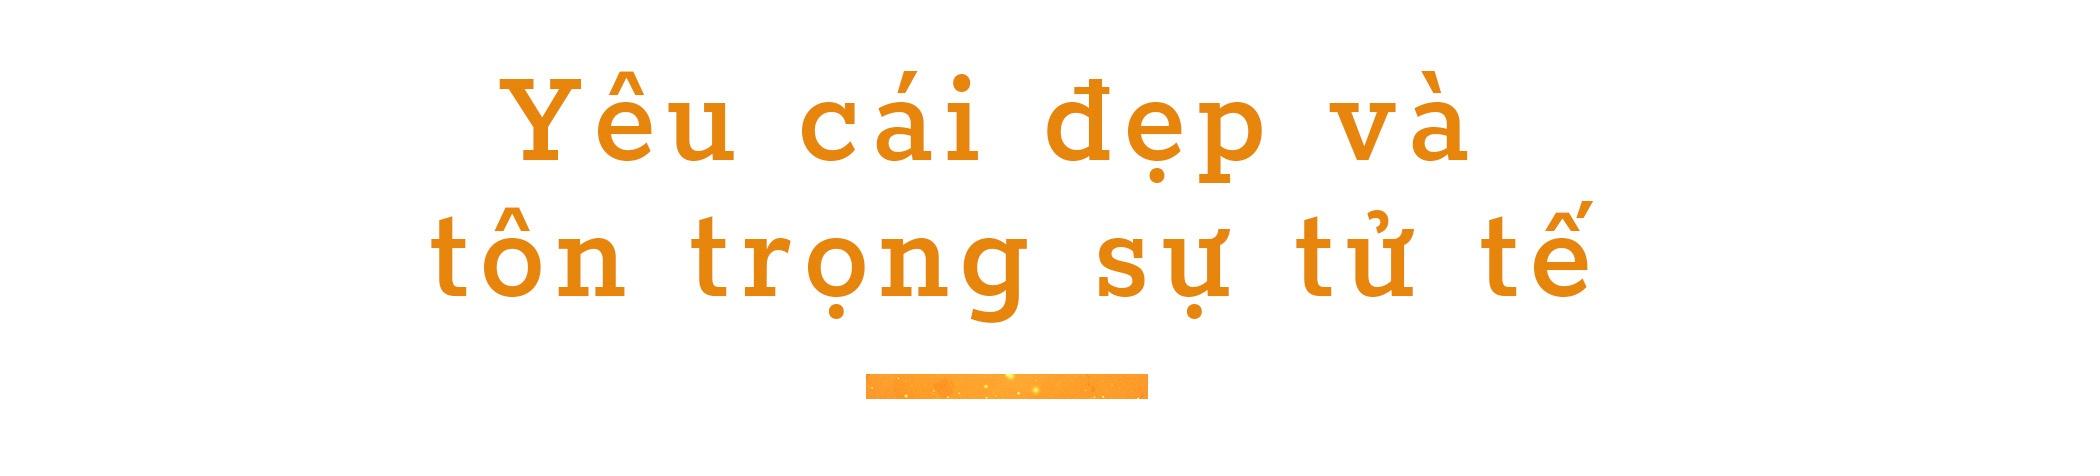 CEO VPMilk: 'Cai thien the luc cau thu Viet la uu tien so 1' hinh anh 5